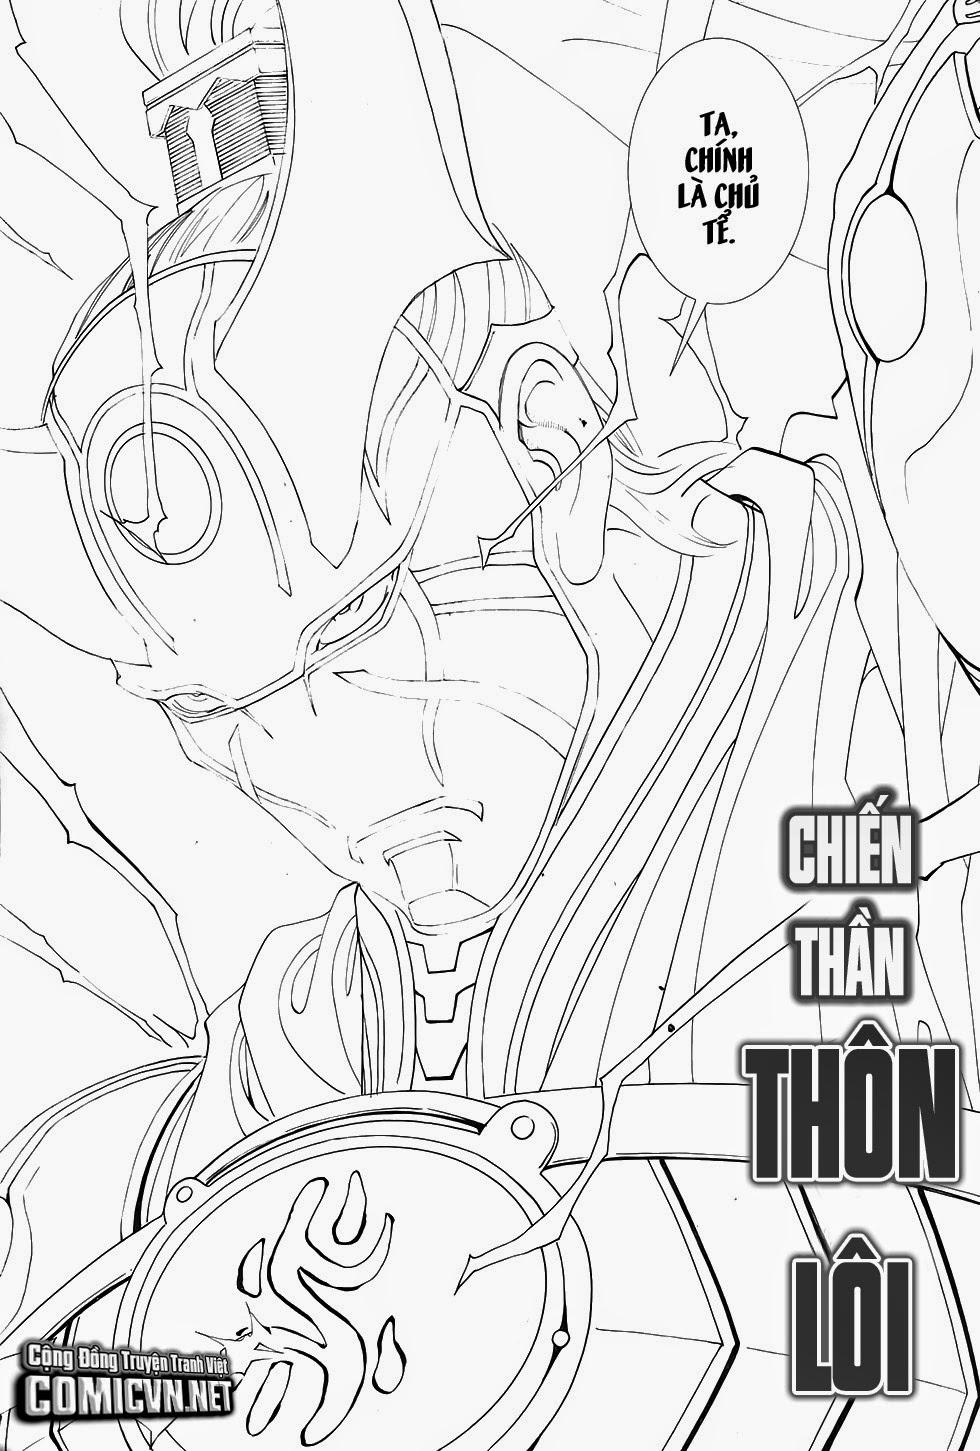 Chiến Phổ chapter 1: chiến thần lan lăng vương trang 32